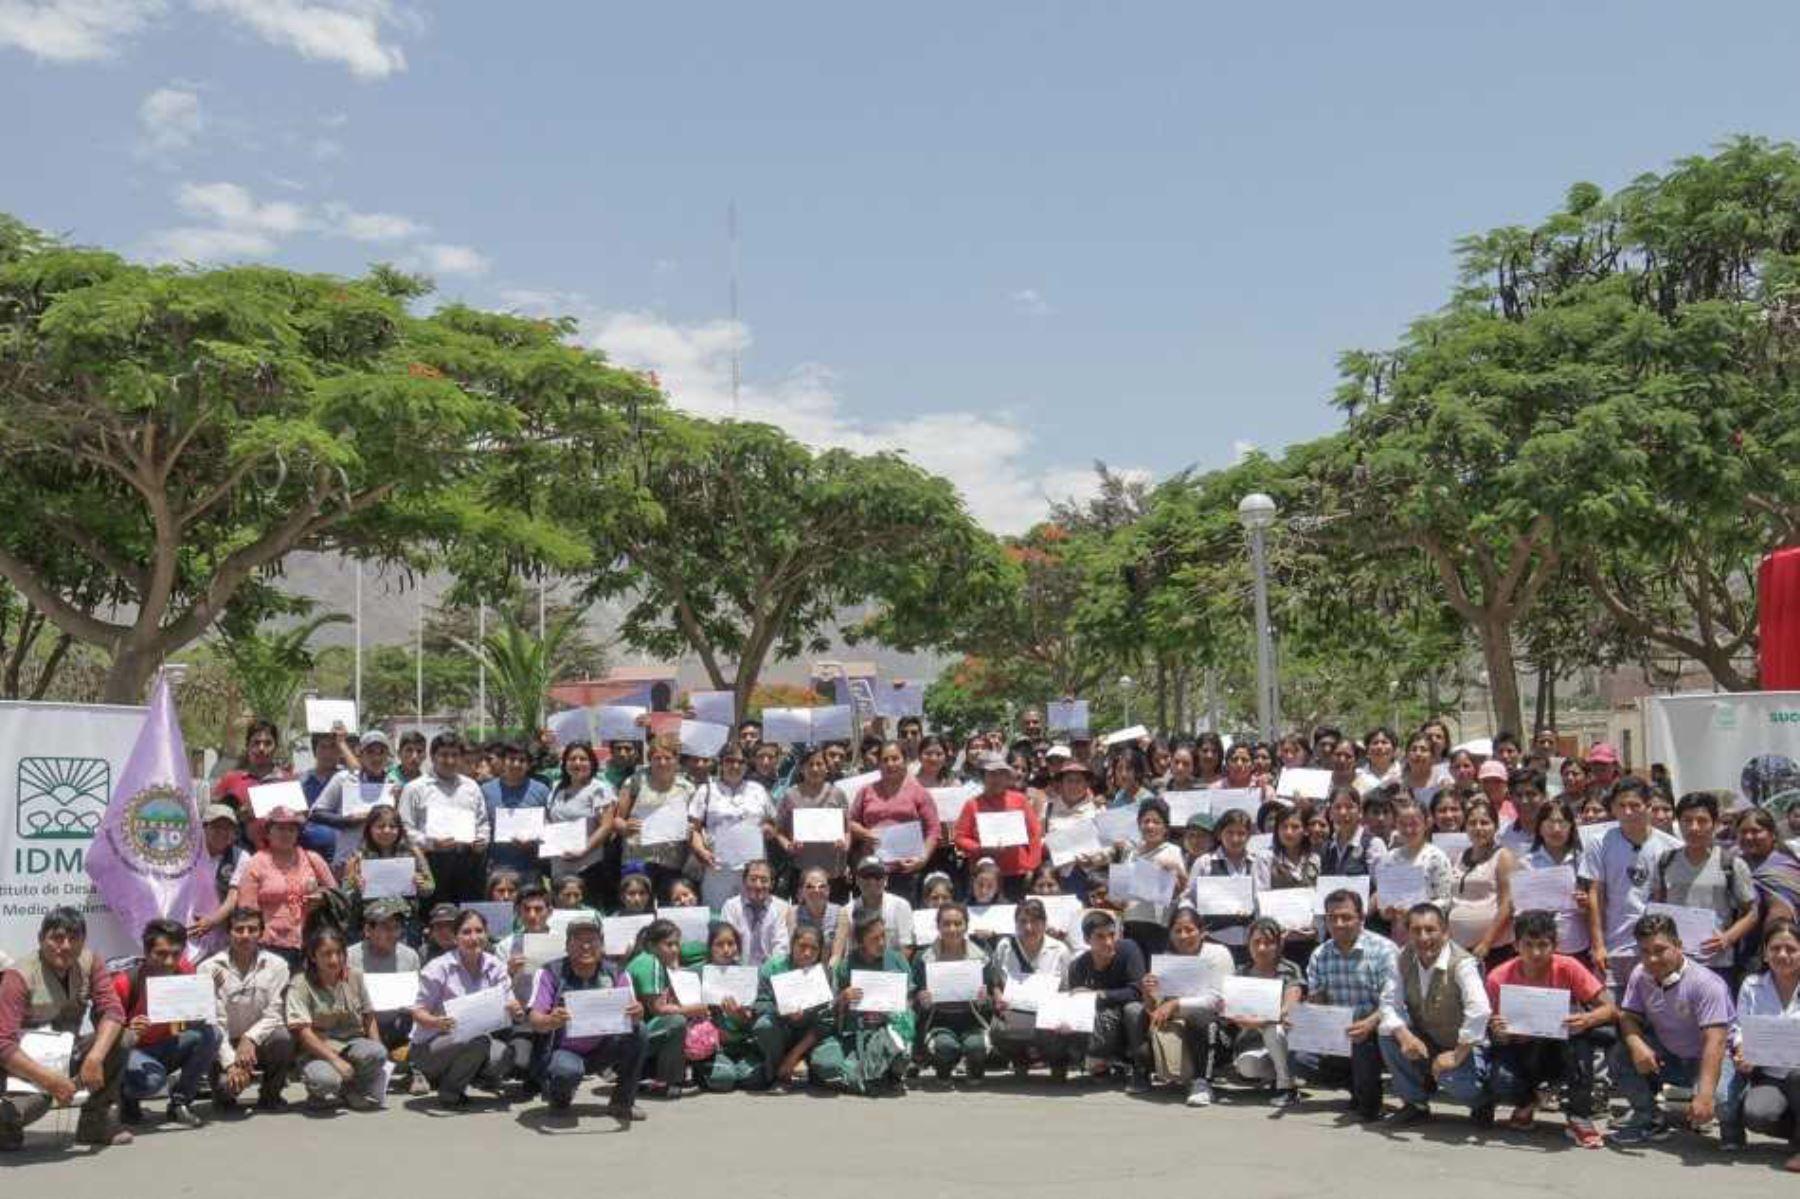 Más de 270 jóvenes de las provincias de Cañete, Yauyos y Huarochirí, de la región Lima, se graduaron en producción agropecuaria sostenible y emprendimiento, desarrollados por el Programa de Formación Agraria y de Apoyo al Emprendimiento Juvenil en el Perú (Formagro) en alianza con 4 institutos de educación superior tecnológico y 2 centros de educación técnico productivos (Cetpro).